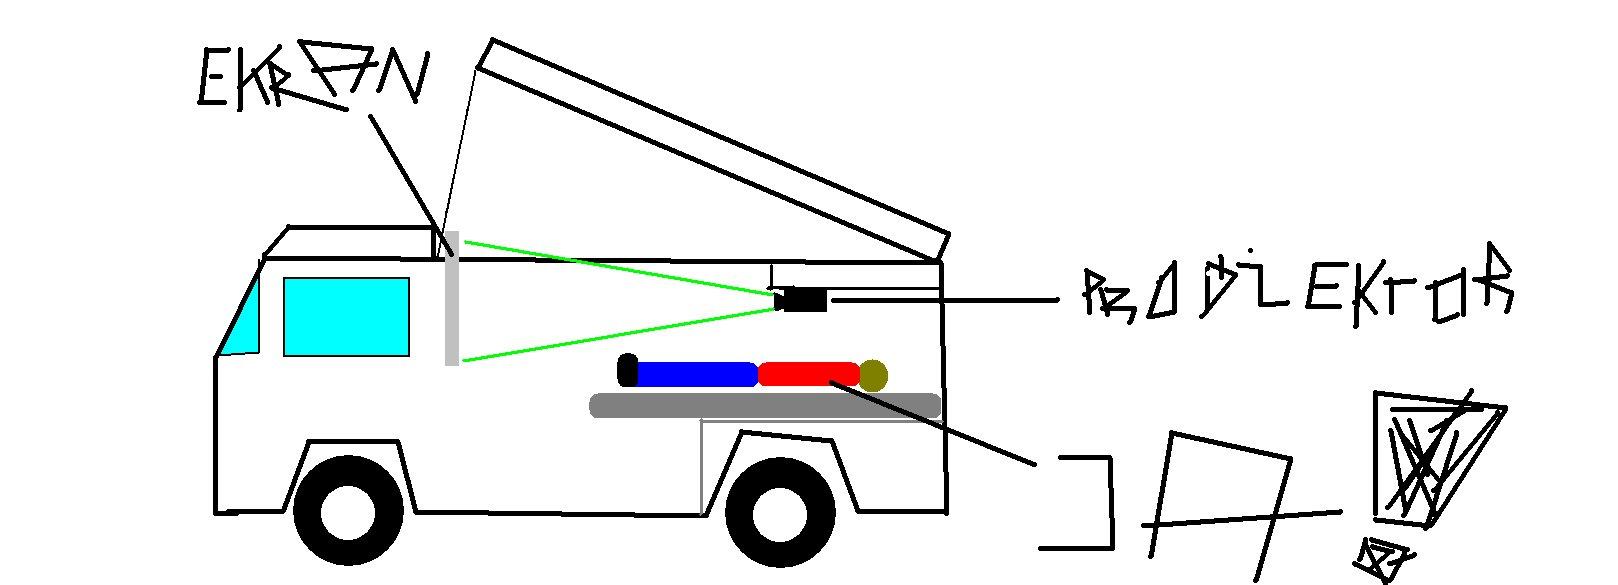 Monta� projektora w samochodzie